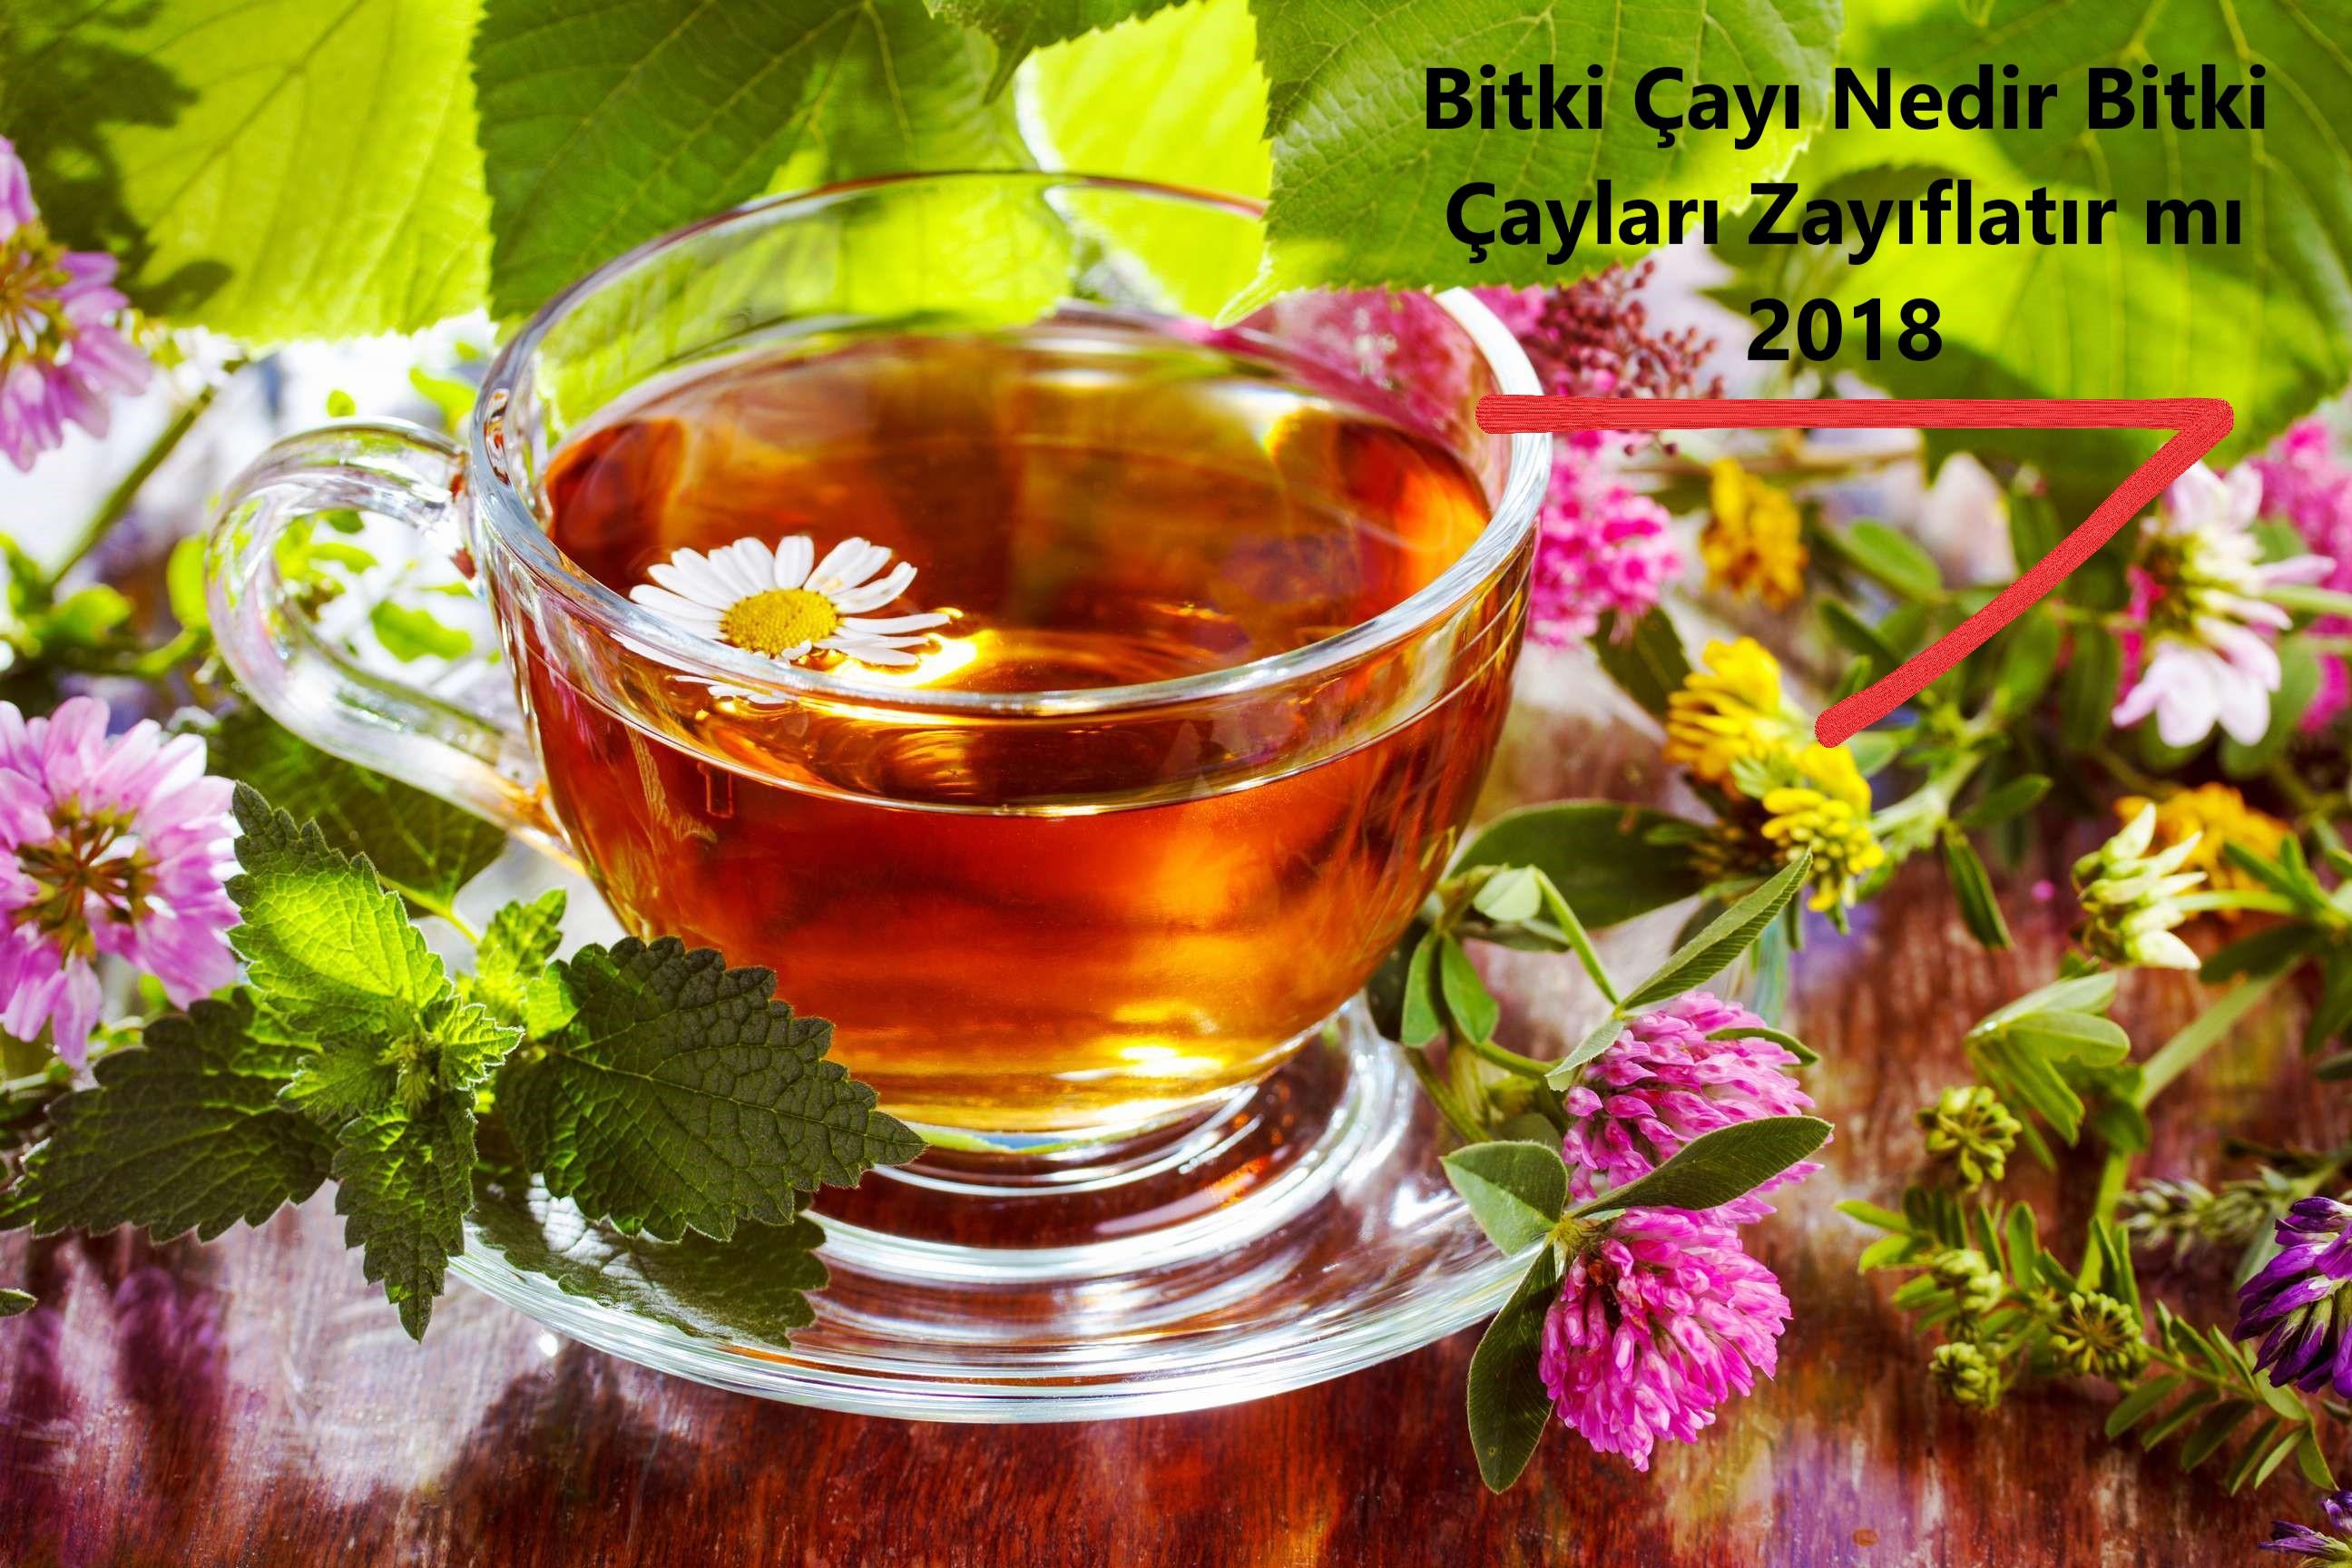 Bitki Çayı Nedir Bitki Çayları Zayıflatır mı 2018